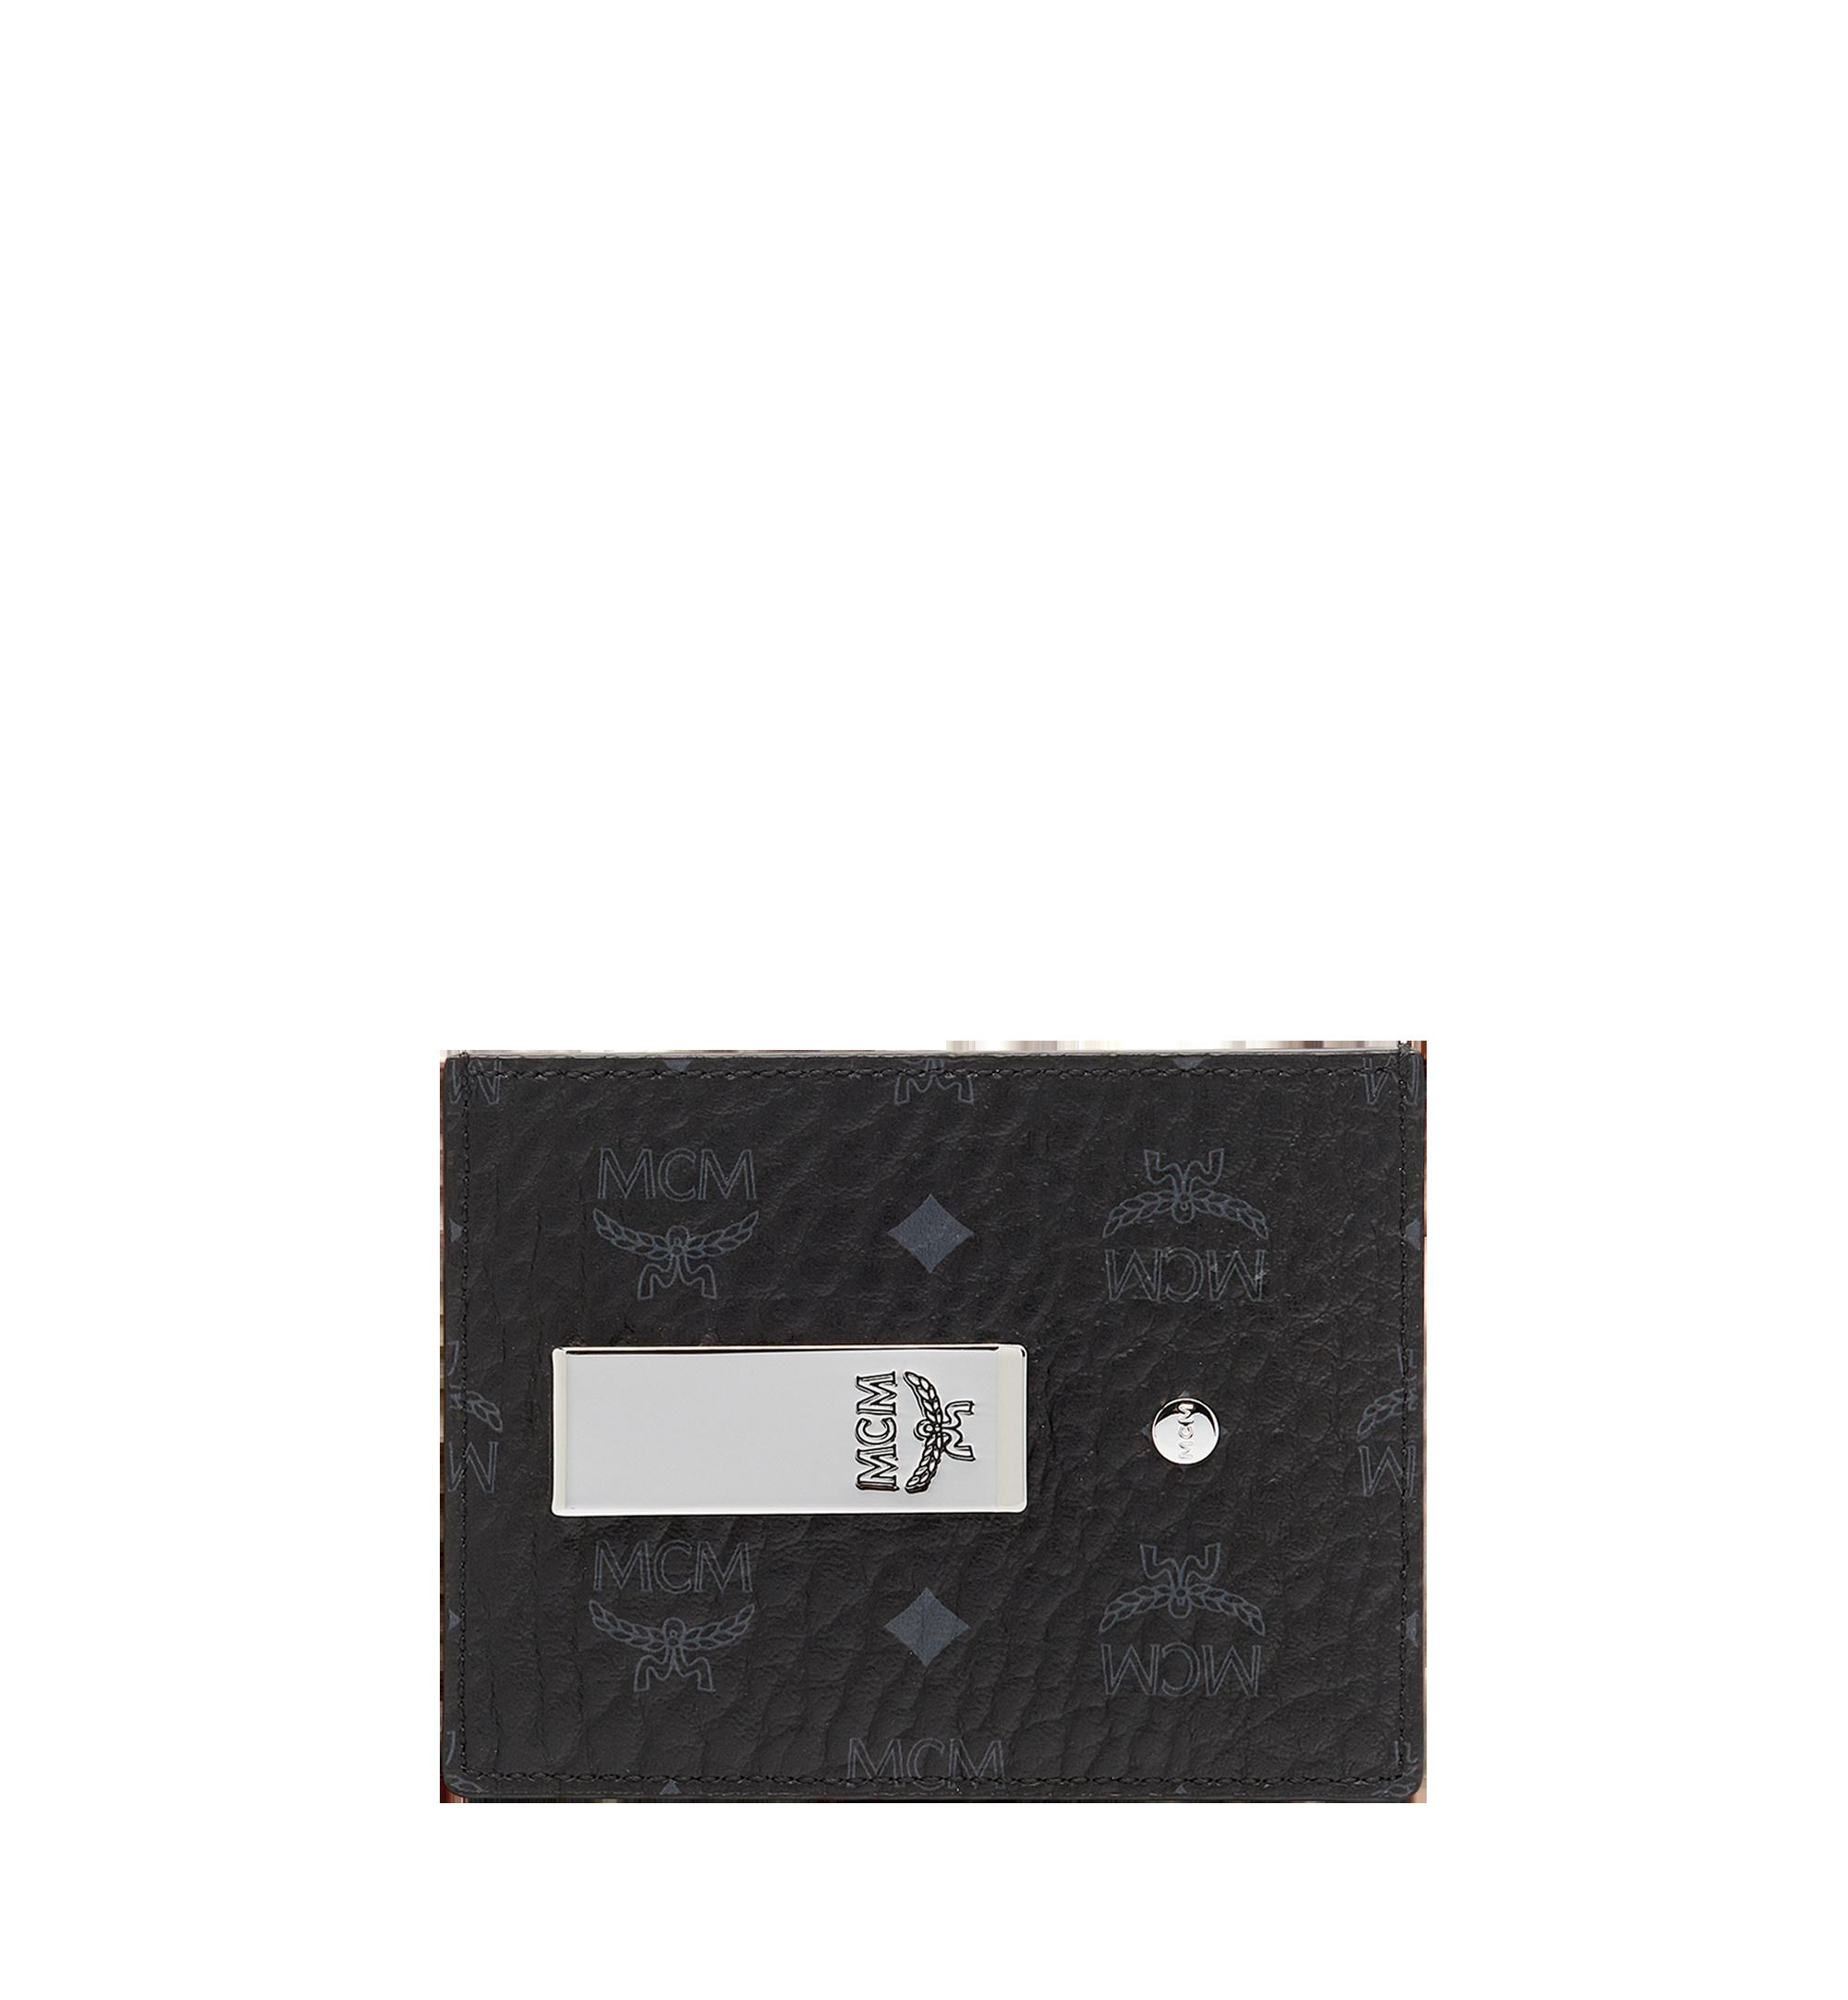 MCM Money Clip Card Case in Visetos Original  MXC8AVI65BK001 Alternate View 1